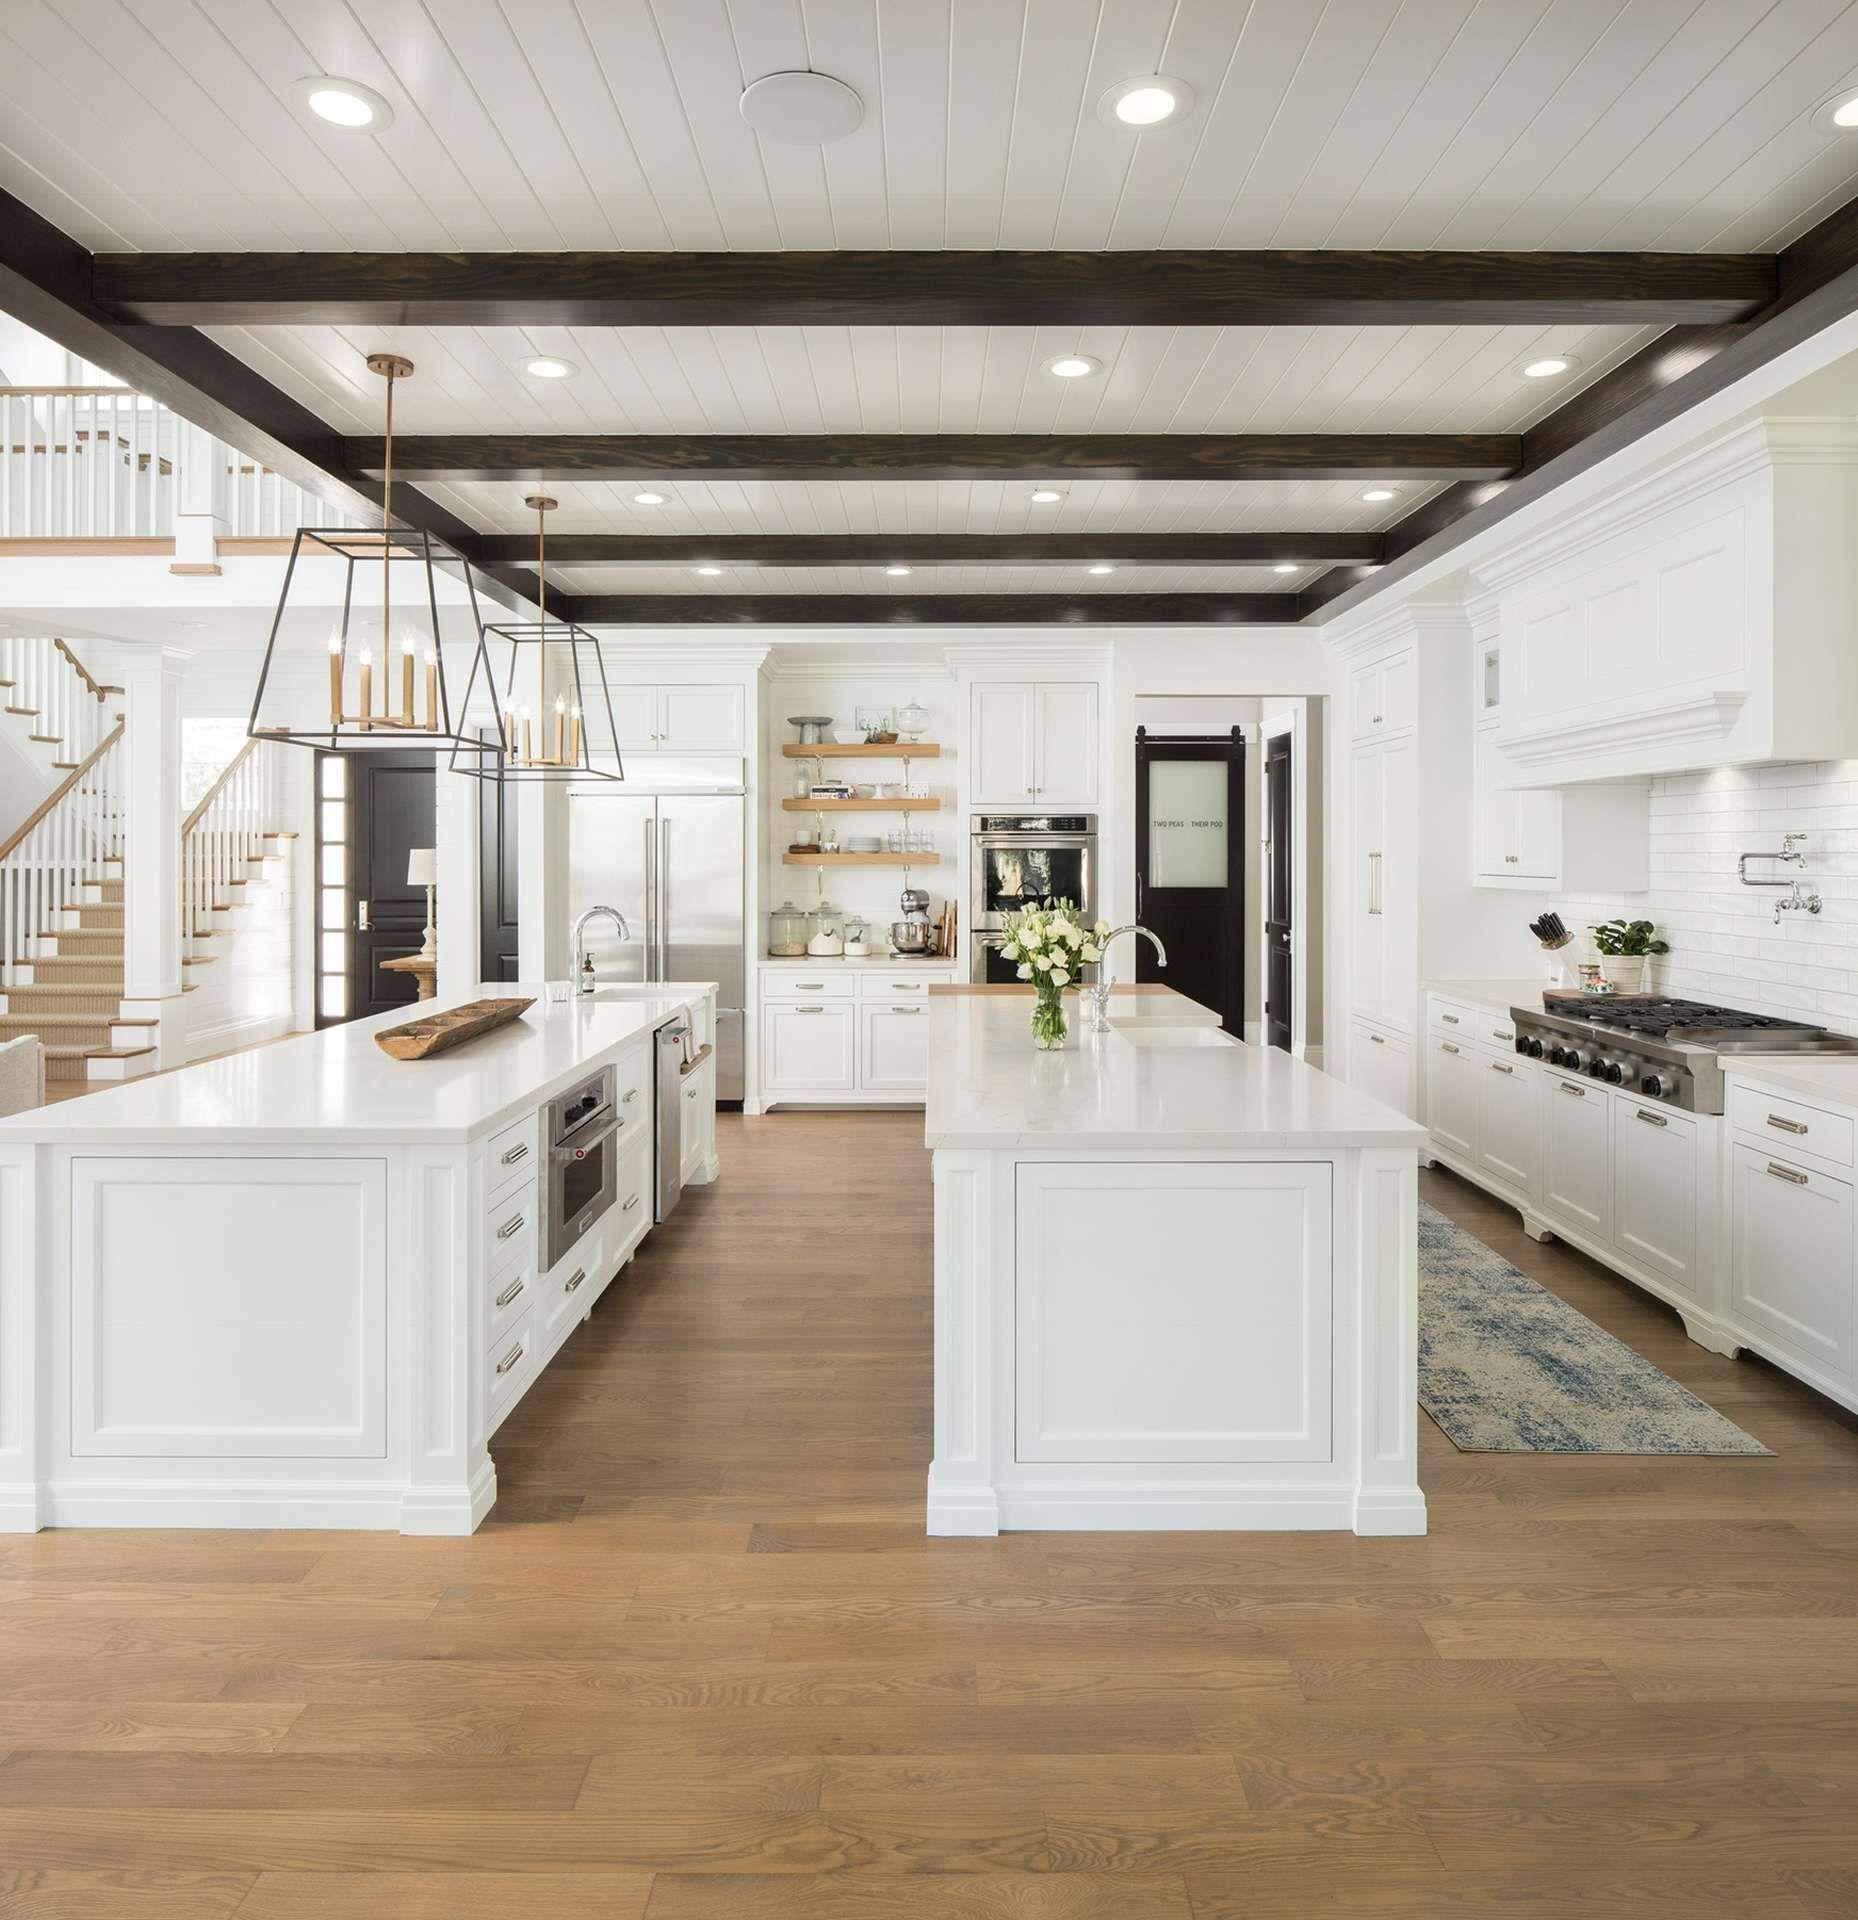 modern farmhouse 02 double island kitchen white wood kitchens on e kitchen ideas id=94298